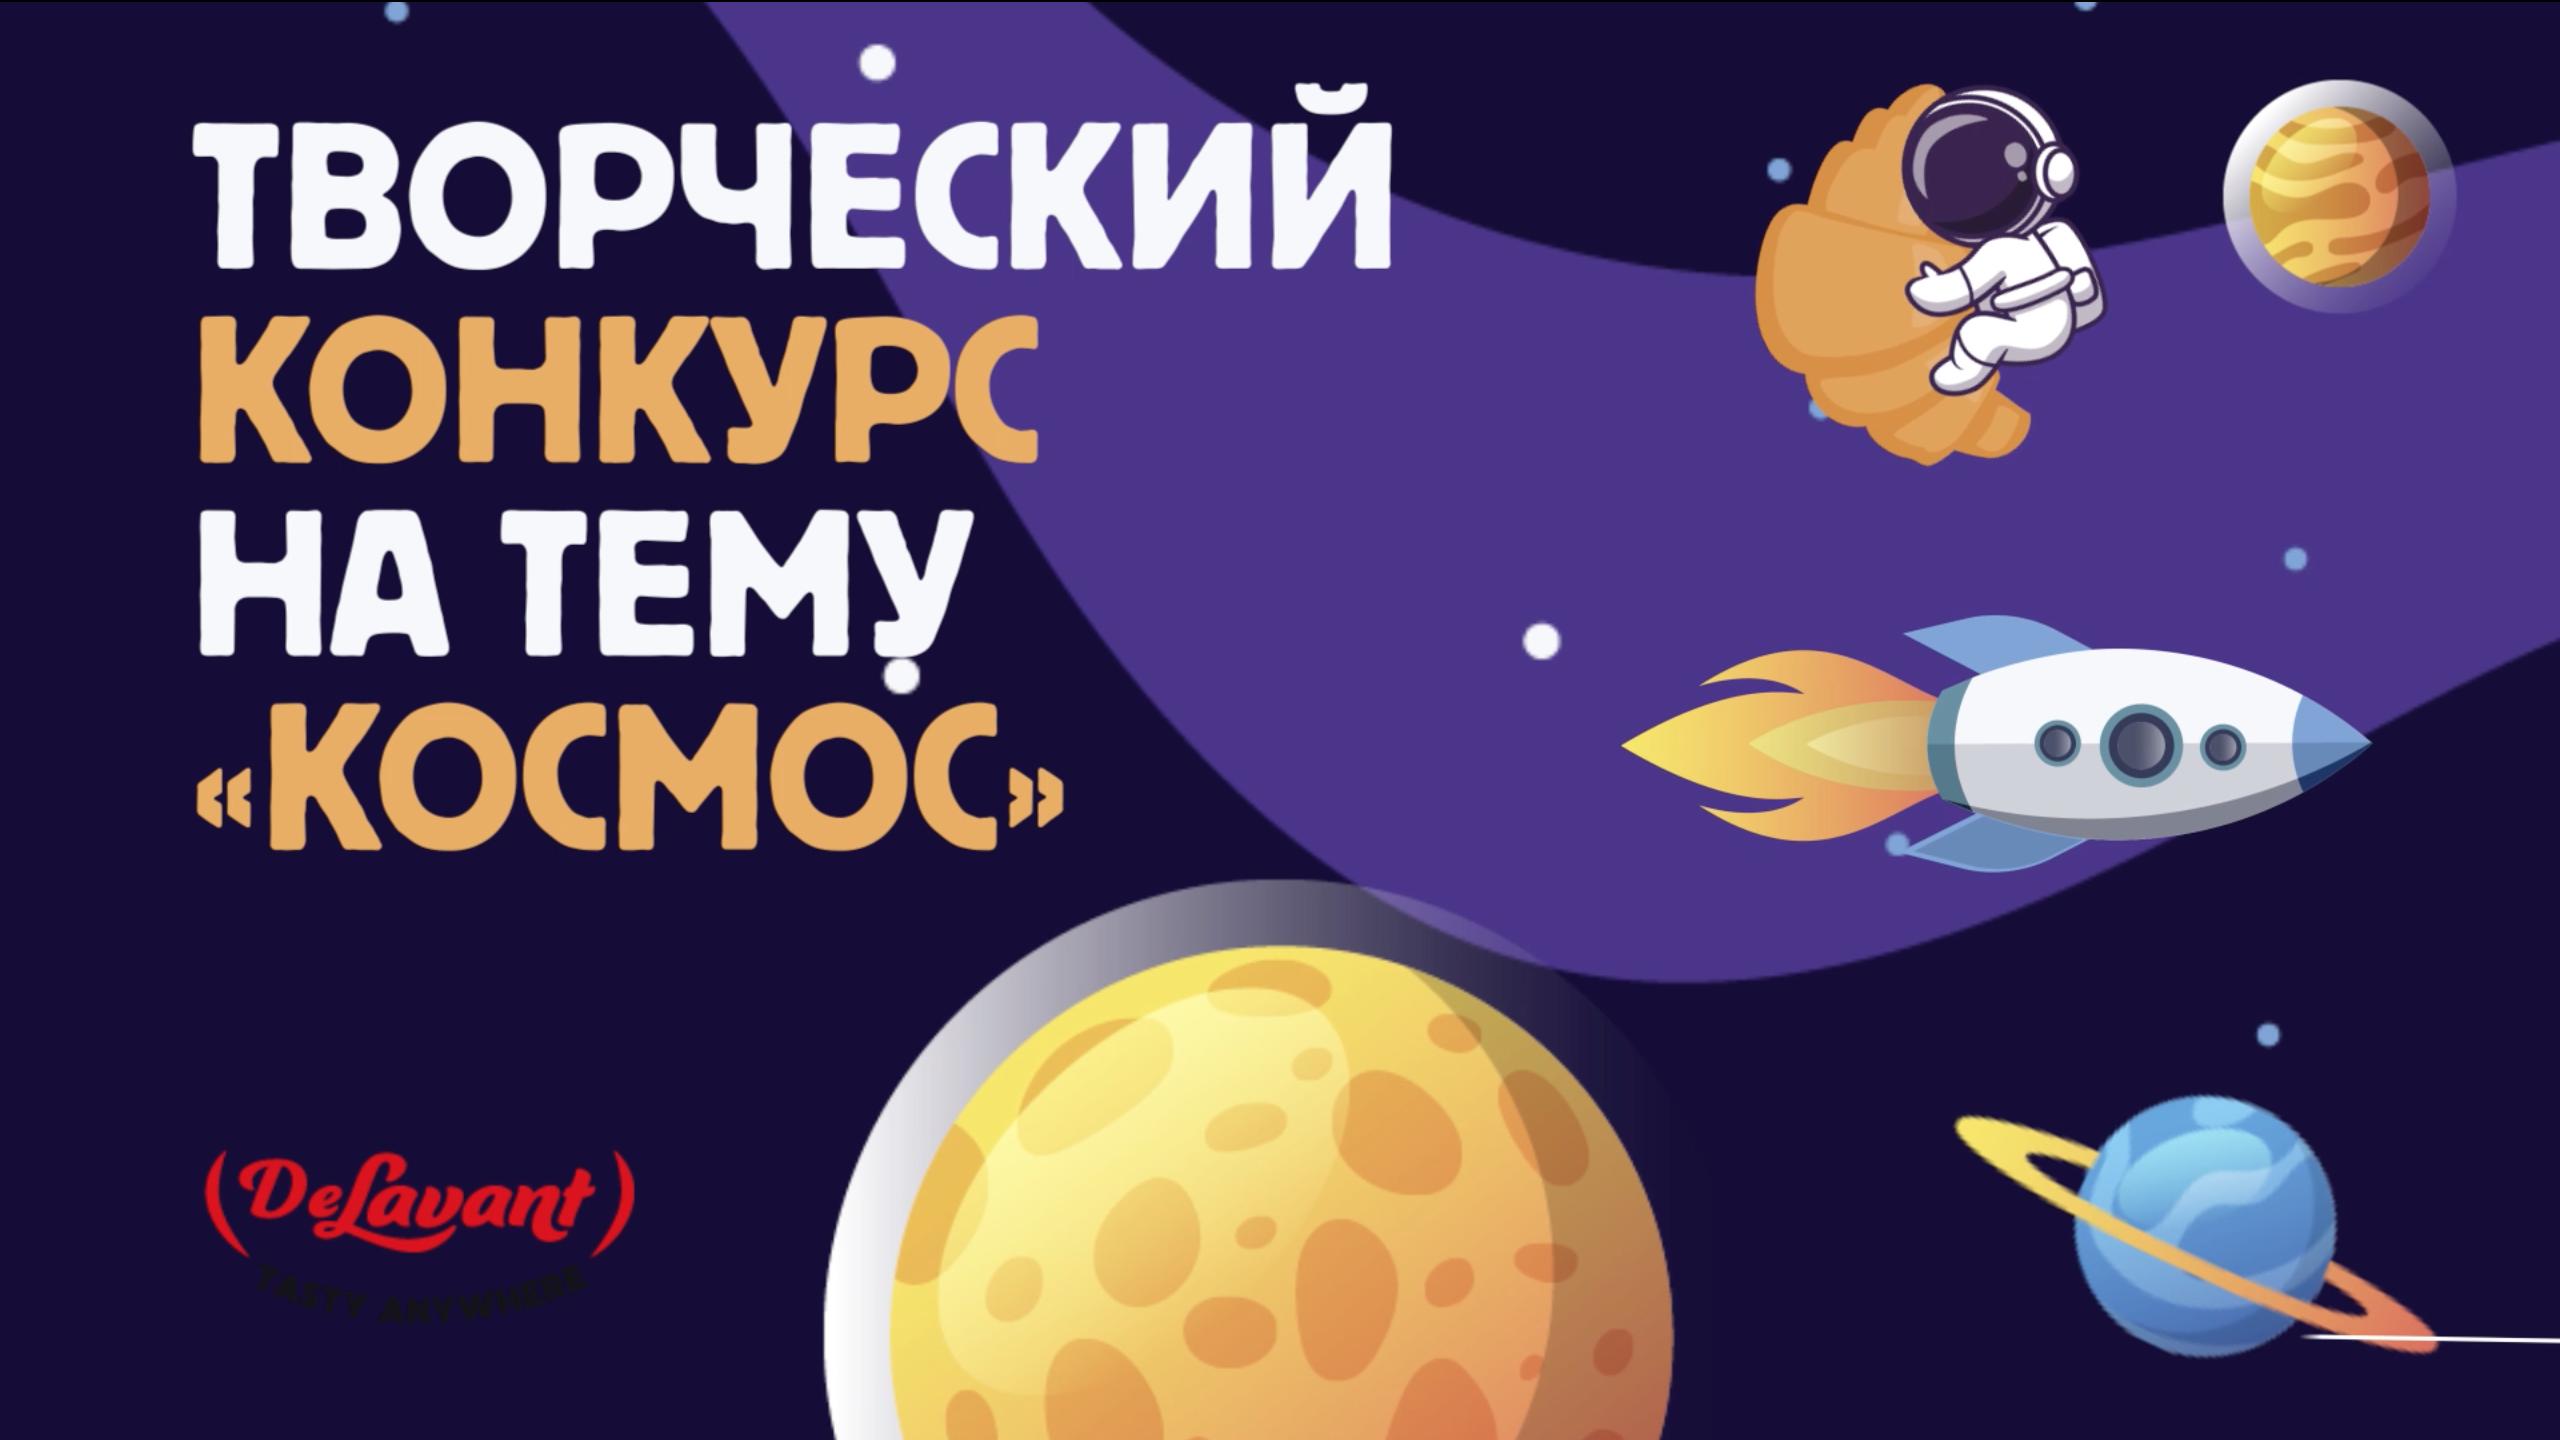 Творческий конкурс на космическую тему в рамках ежегодной акции